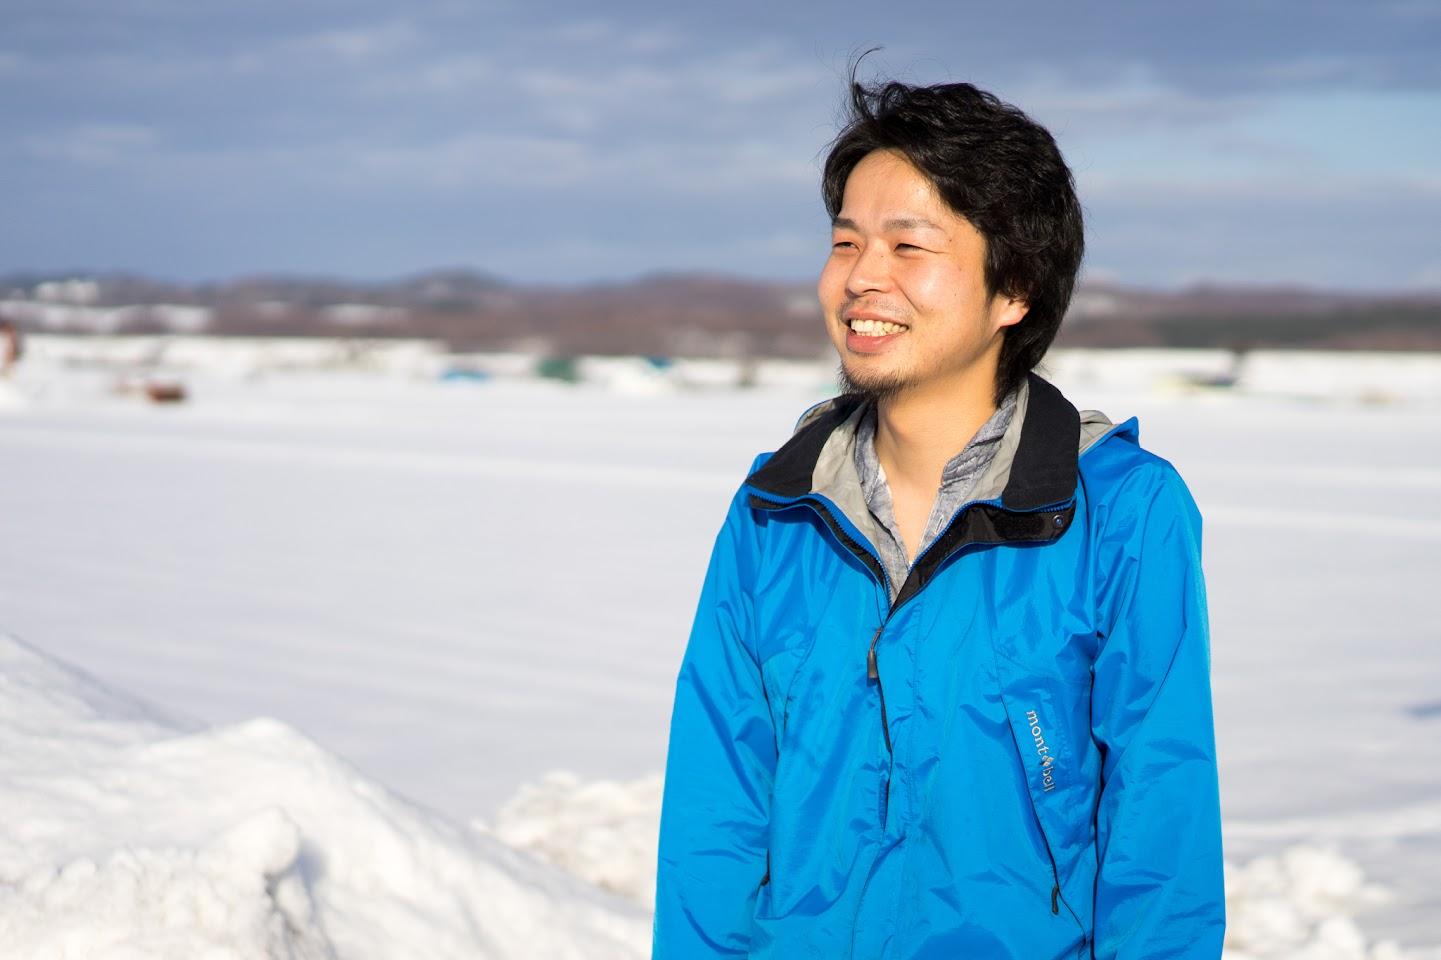 吉尾太志さん